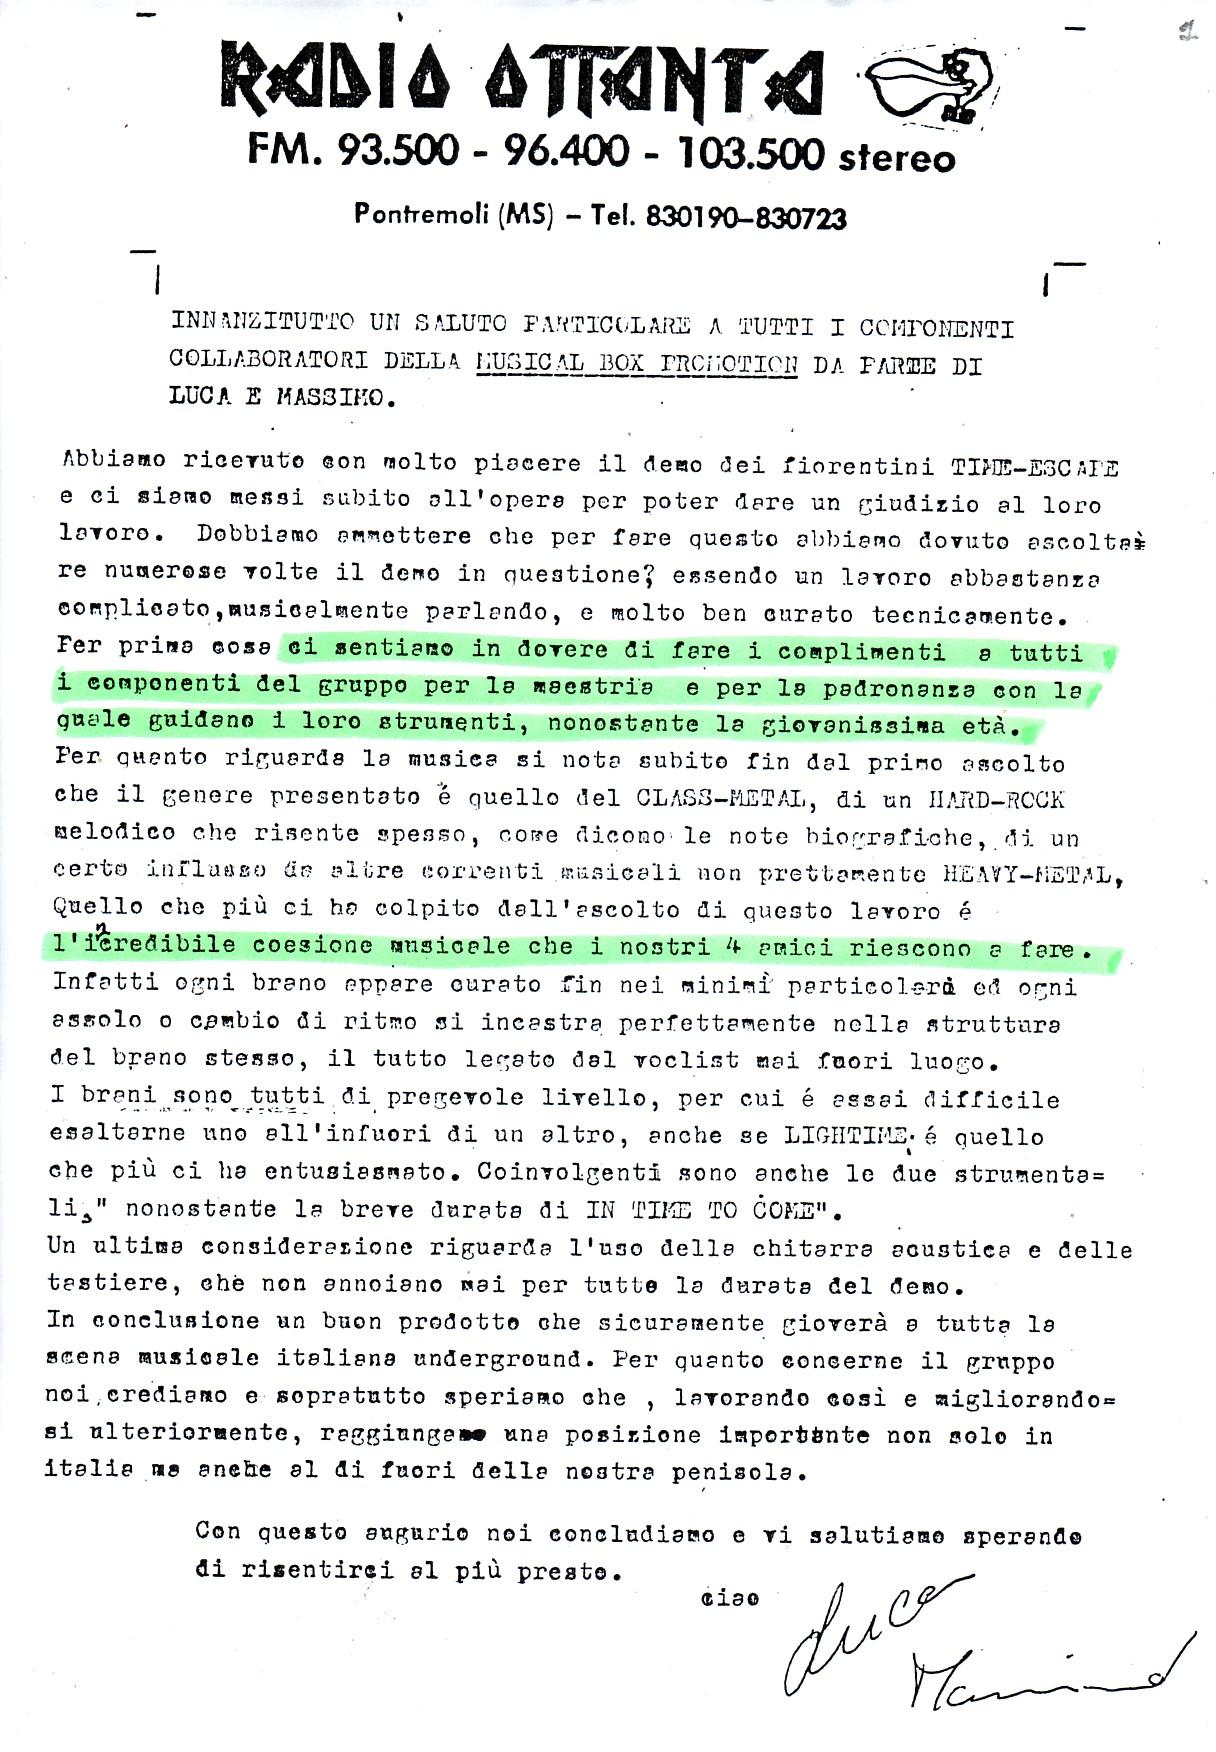 RADIO OTTANTA (ITALY) - 1988